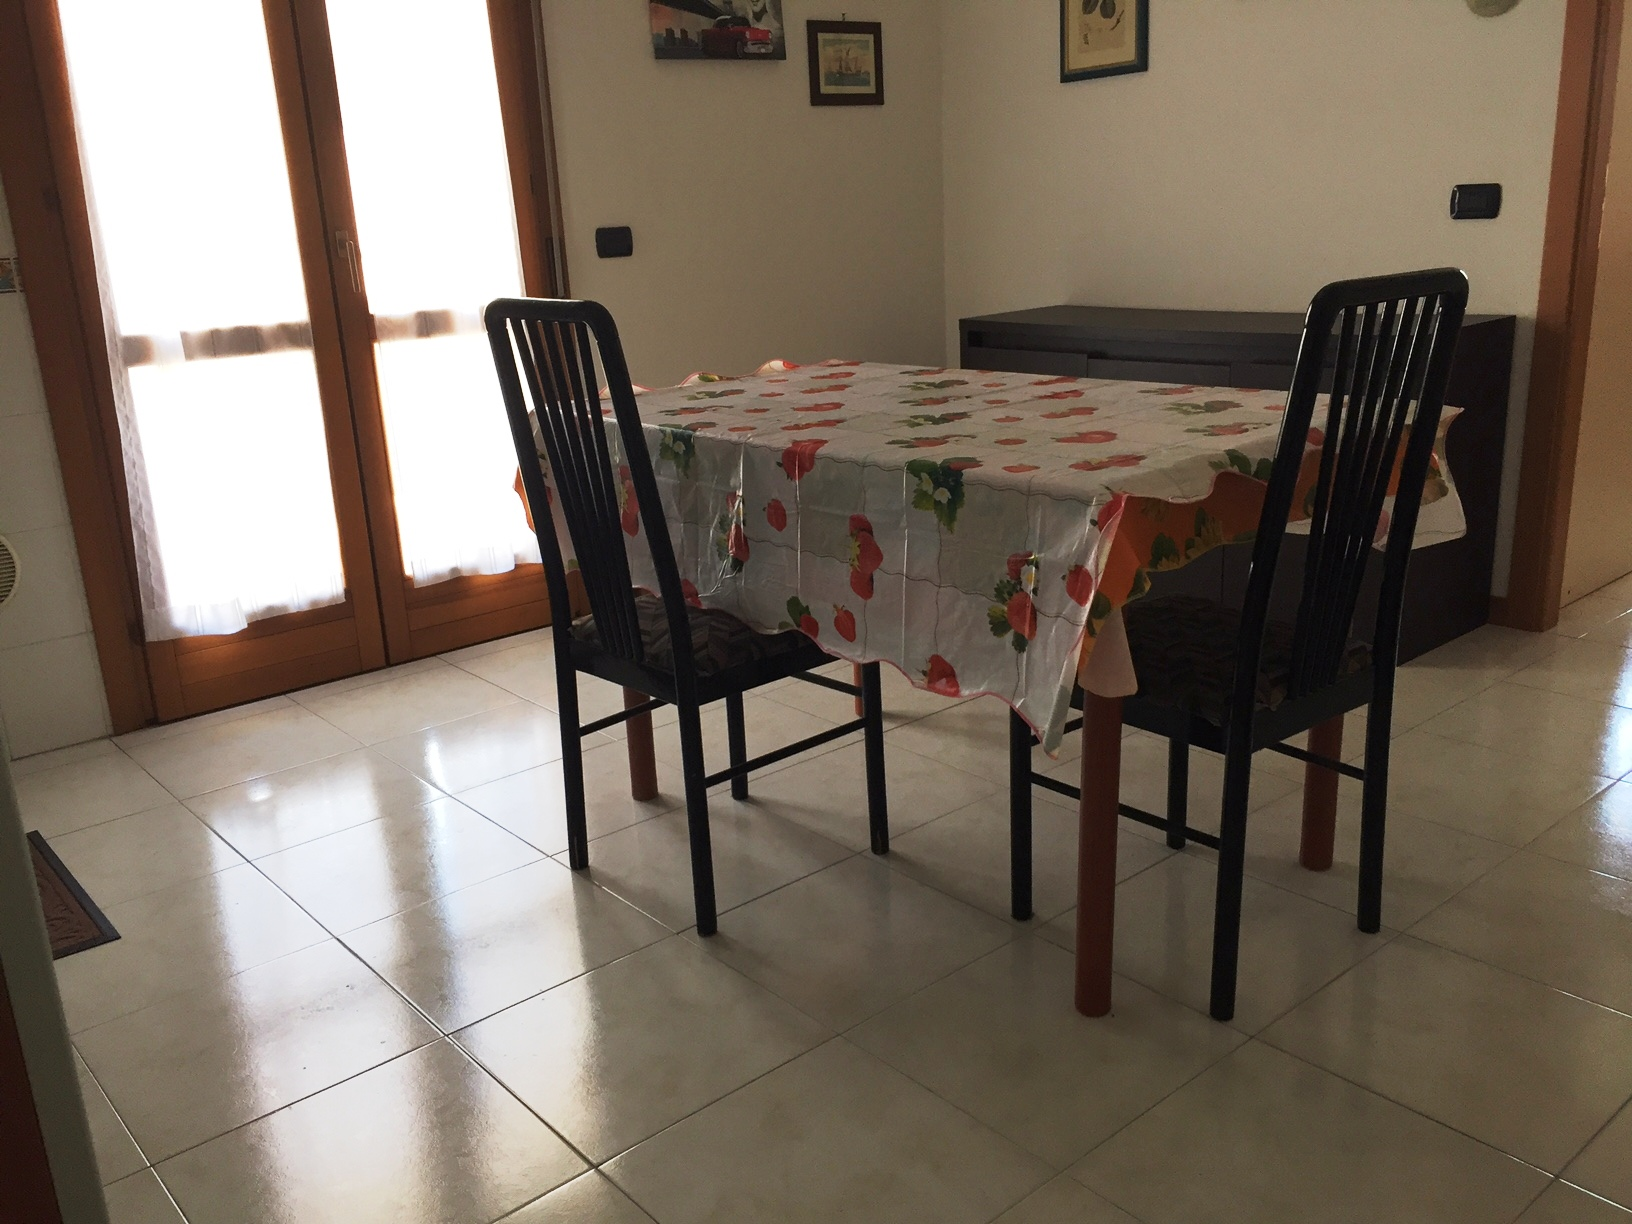 Appartamento in affitto a Viterbo, 2 locali, zona Località: Garbini-Palazzina, prezzo € 400   CambioCasa.it